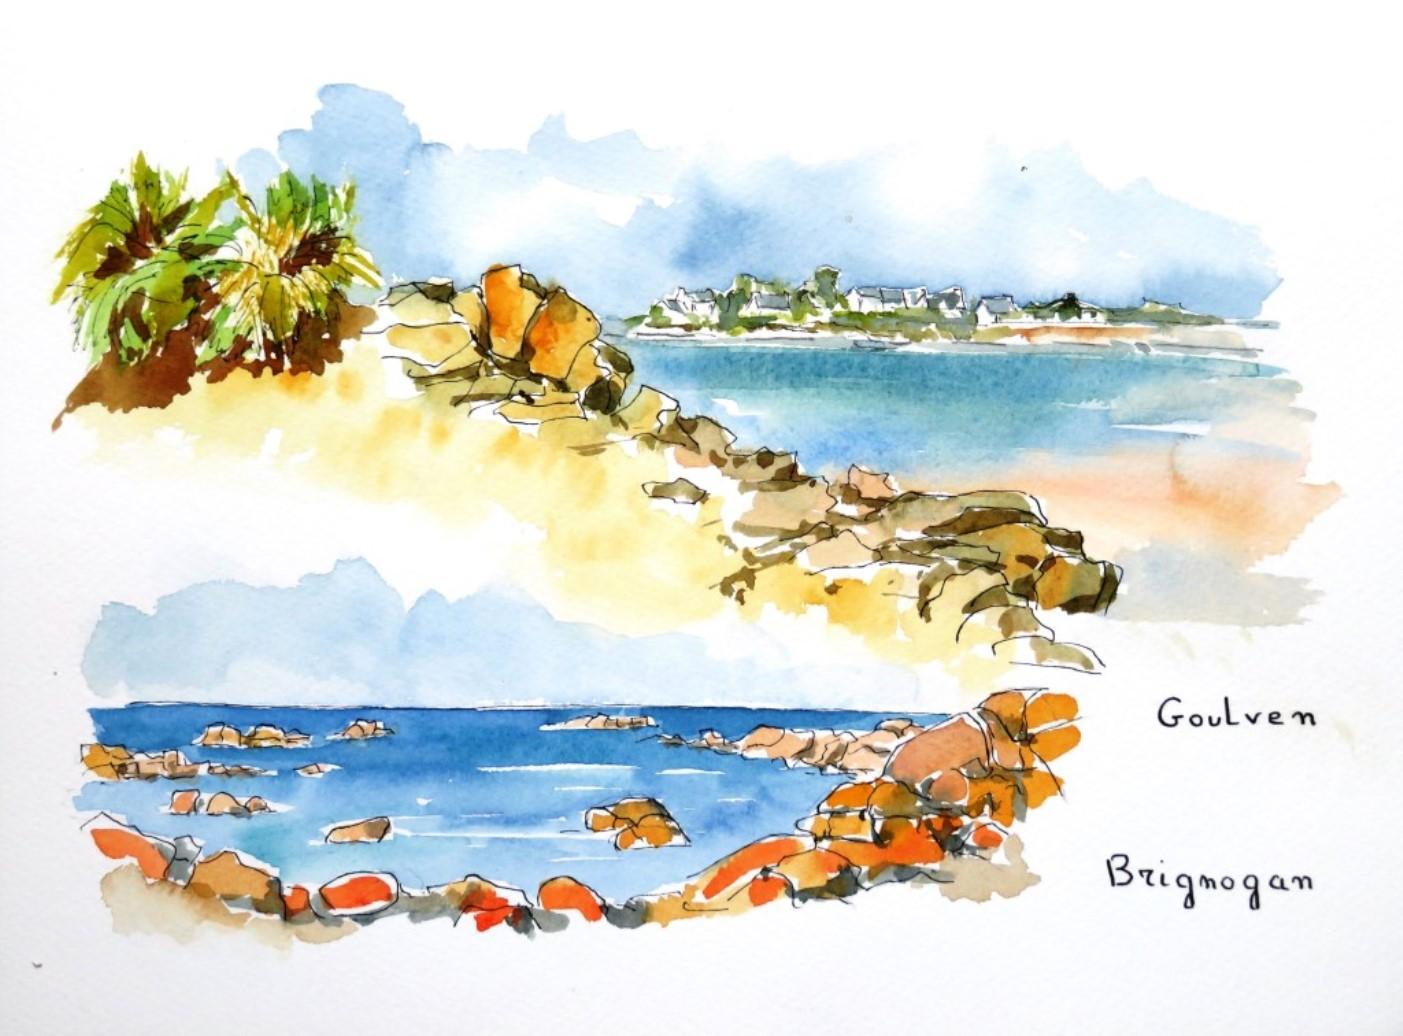 Bretagne 4 Goulven c